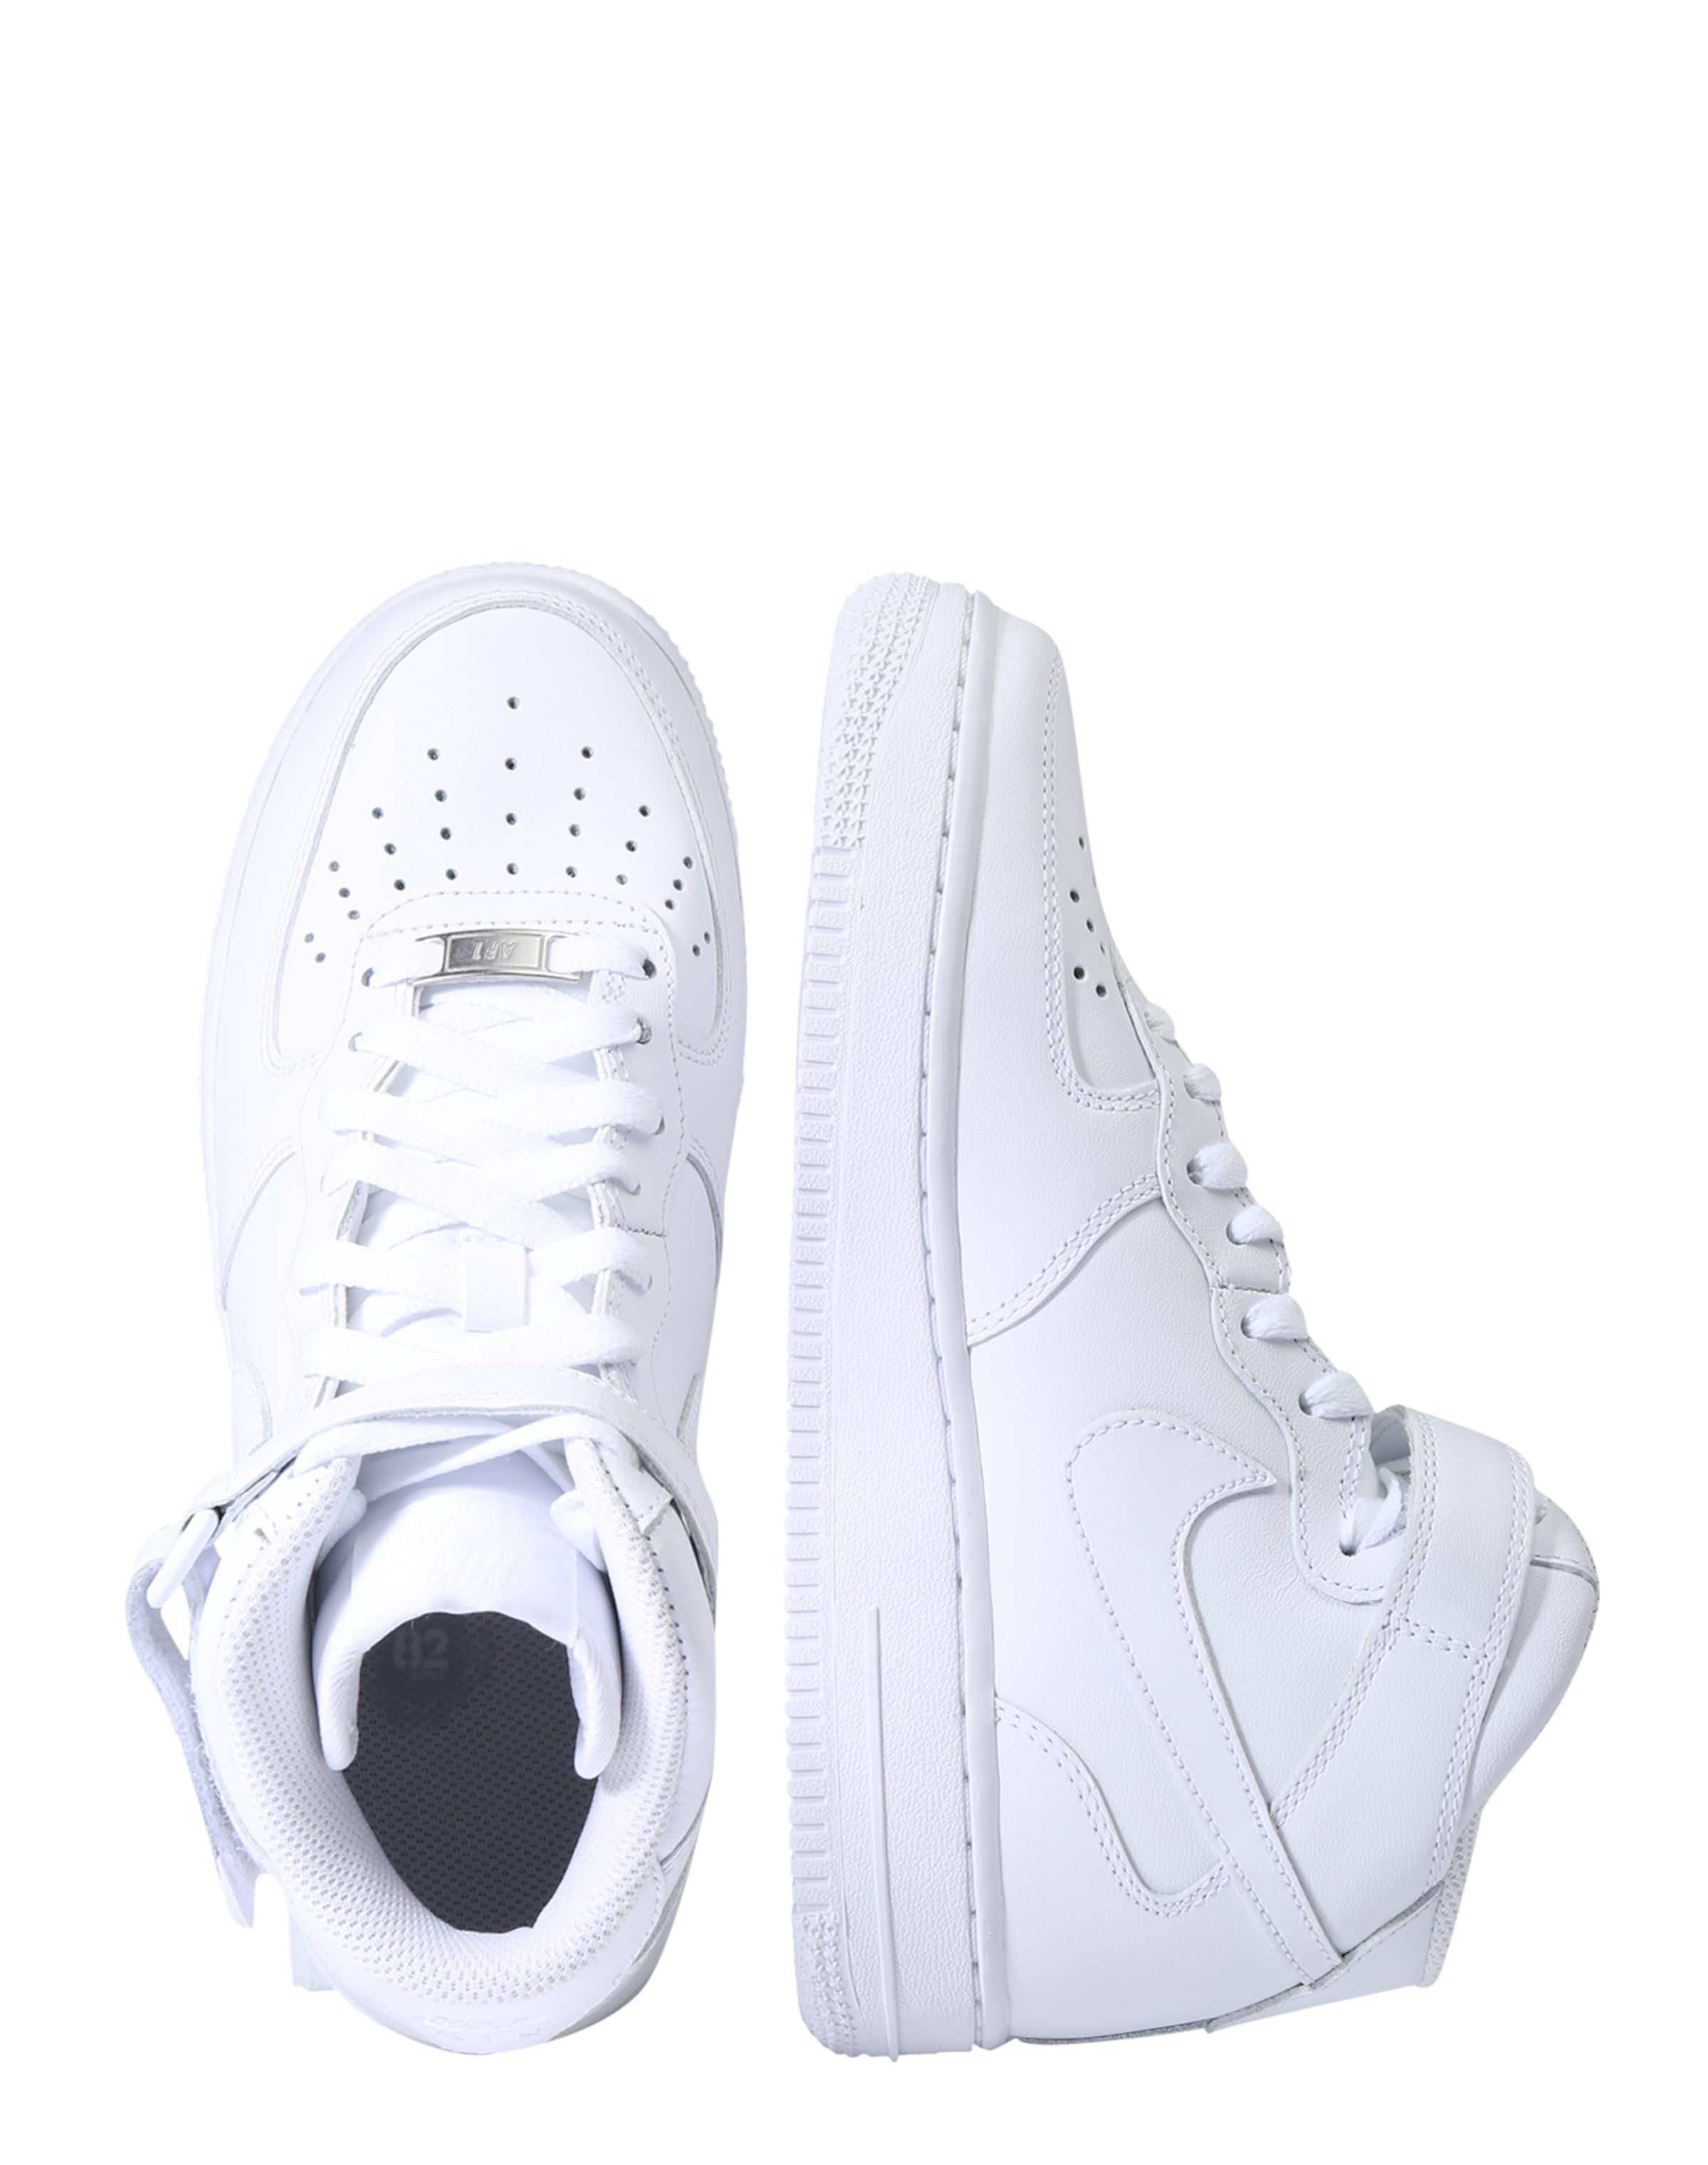 Nike Sportswear Sneaker High 'Air Force 1 '07 Mid' Besuchen Zu Verkaufen mTcSoYbtU0